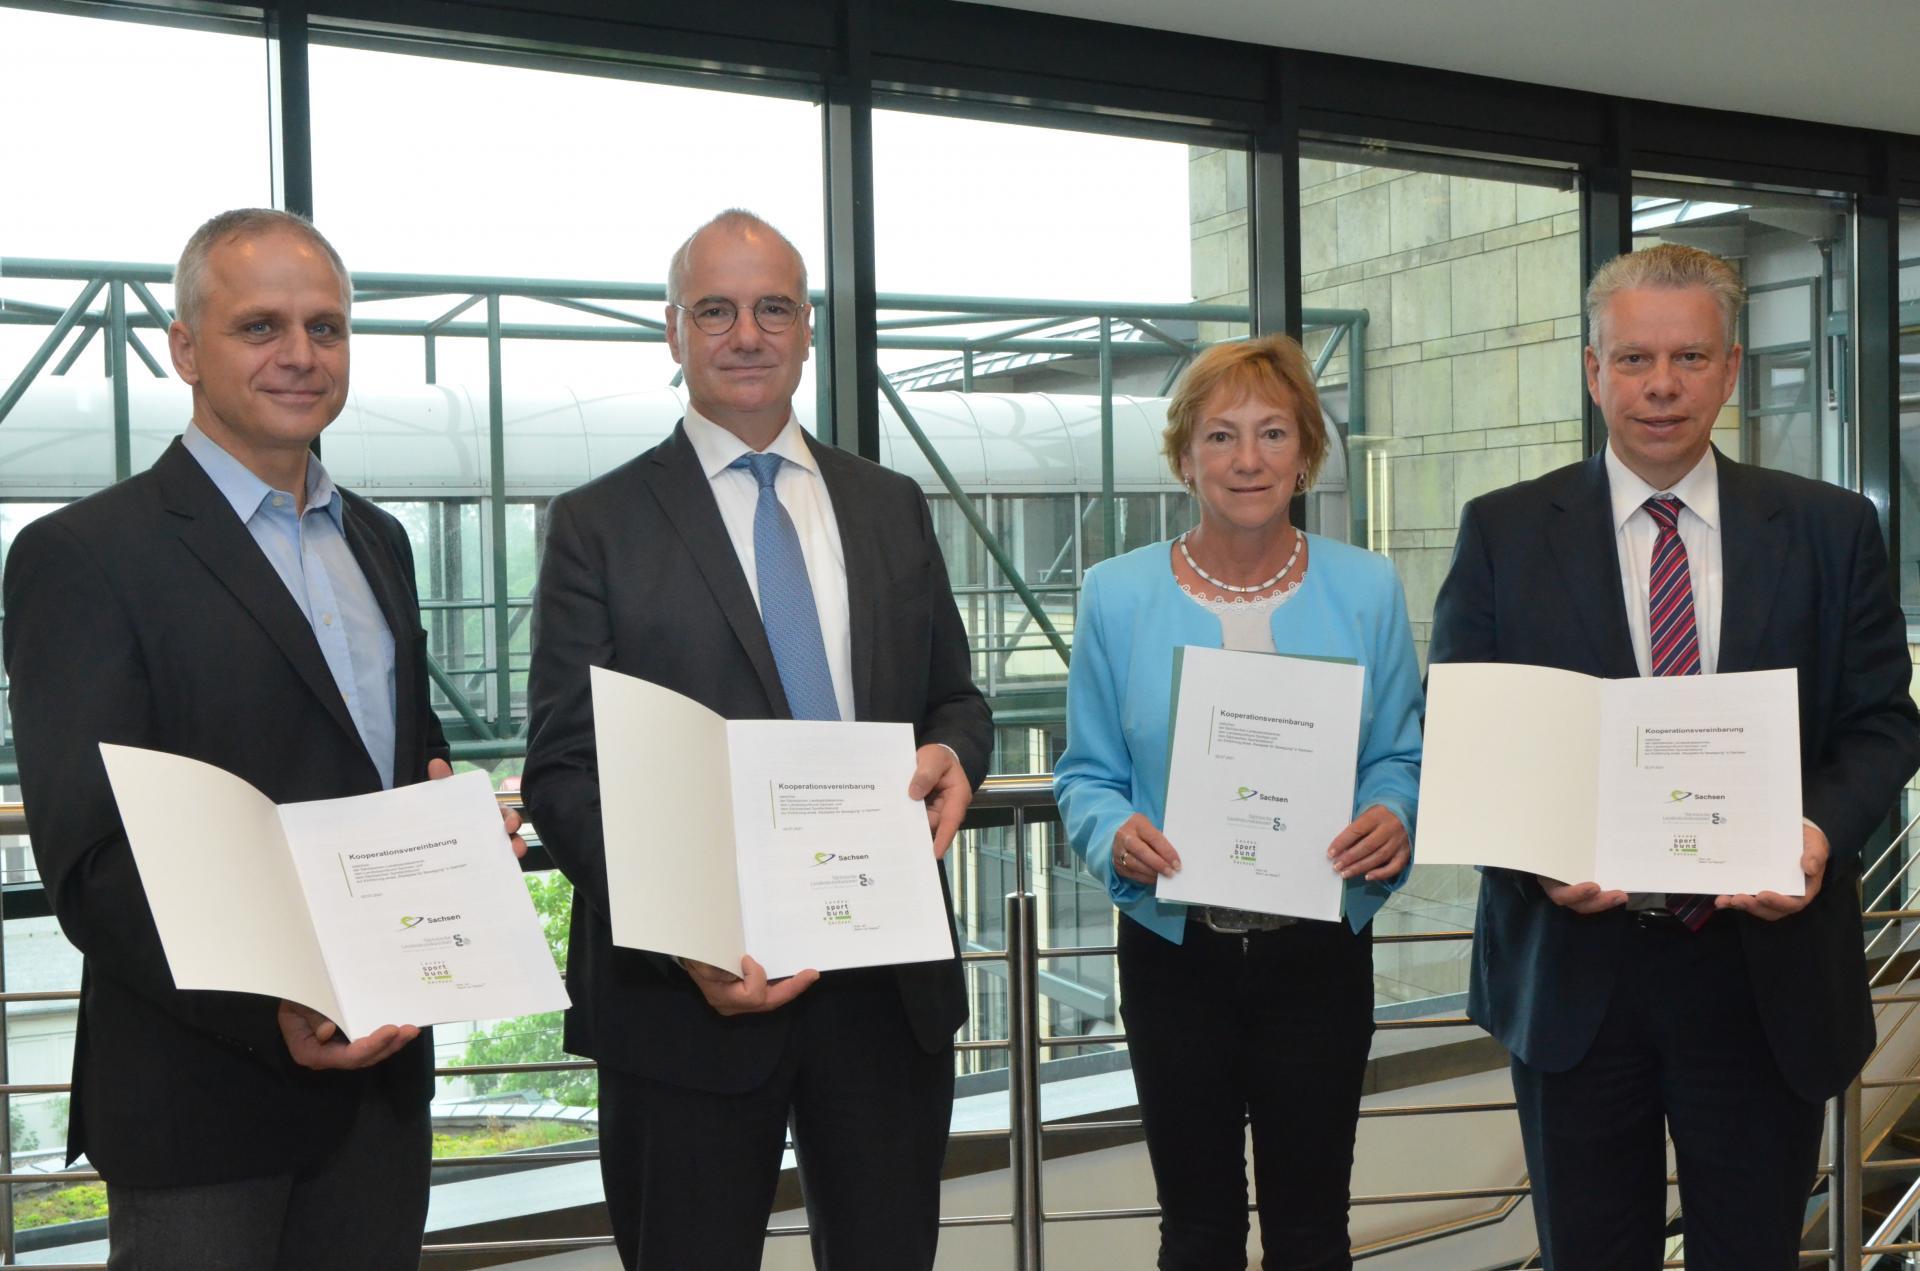 Dr.A.Klein, E.Bodendieck, A.Geyer, U.Franzen nach Unterzeichnung Kooperationsvereinbarung